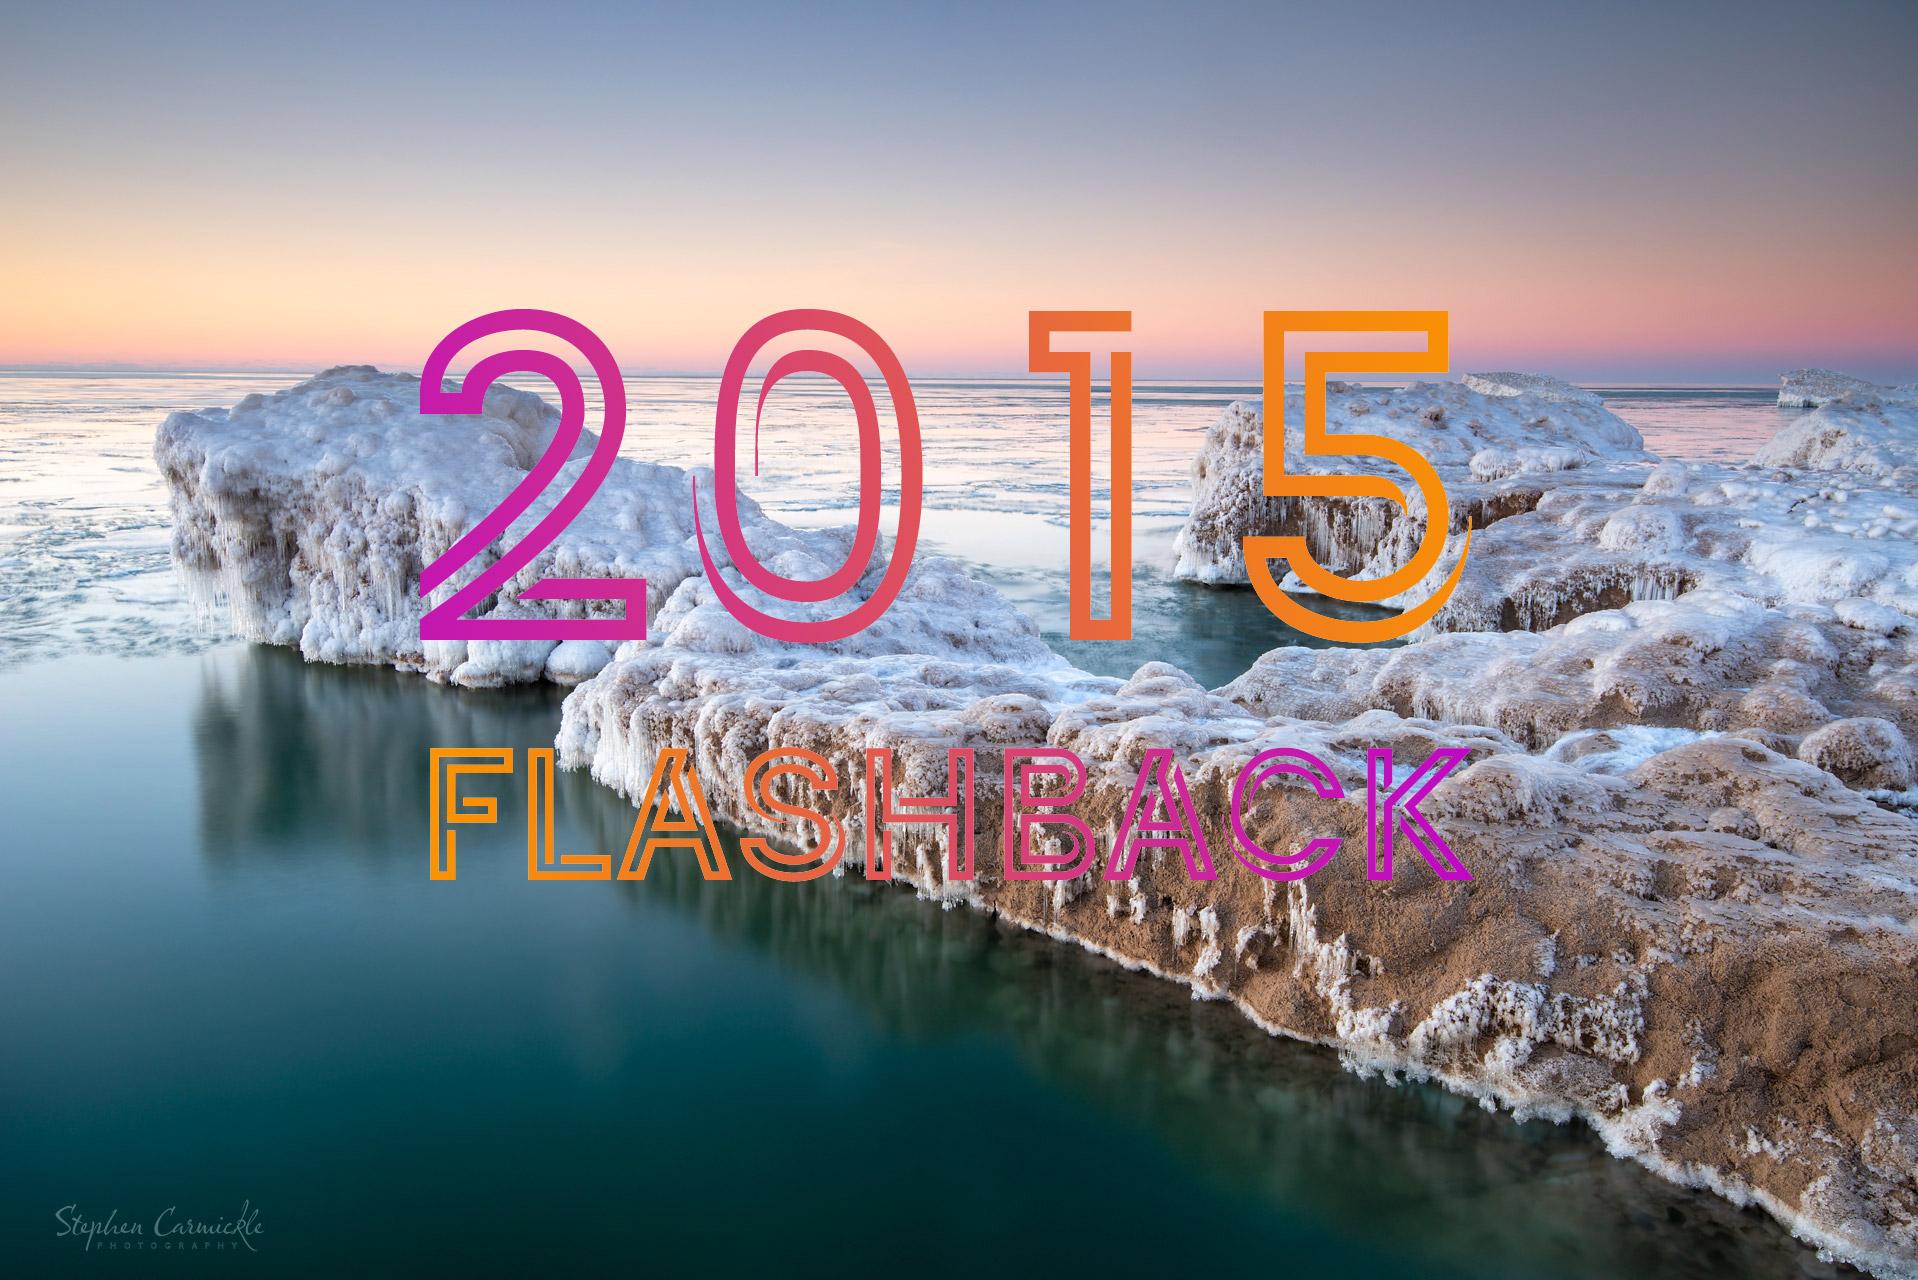 Photo Flashback – Ice Shelf